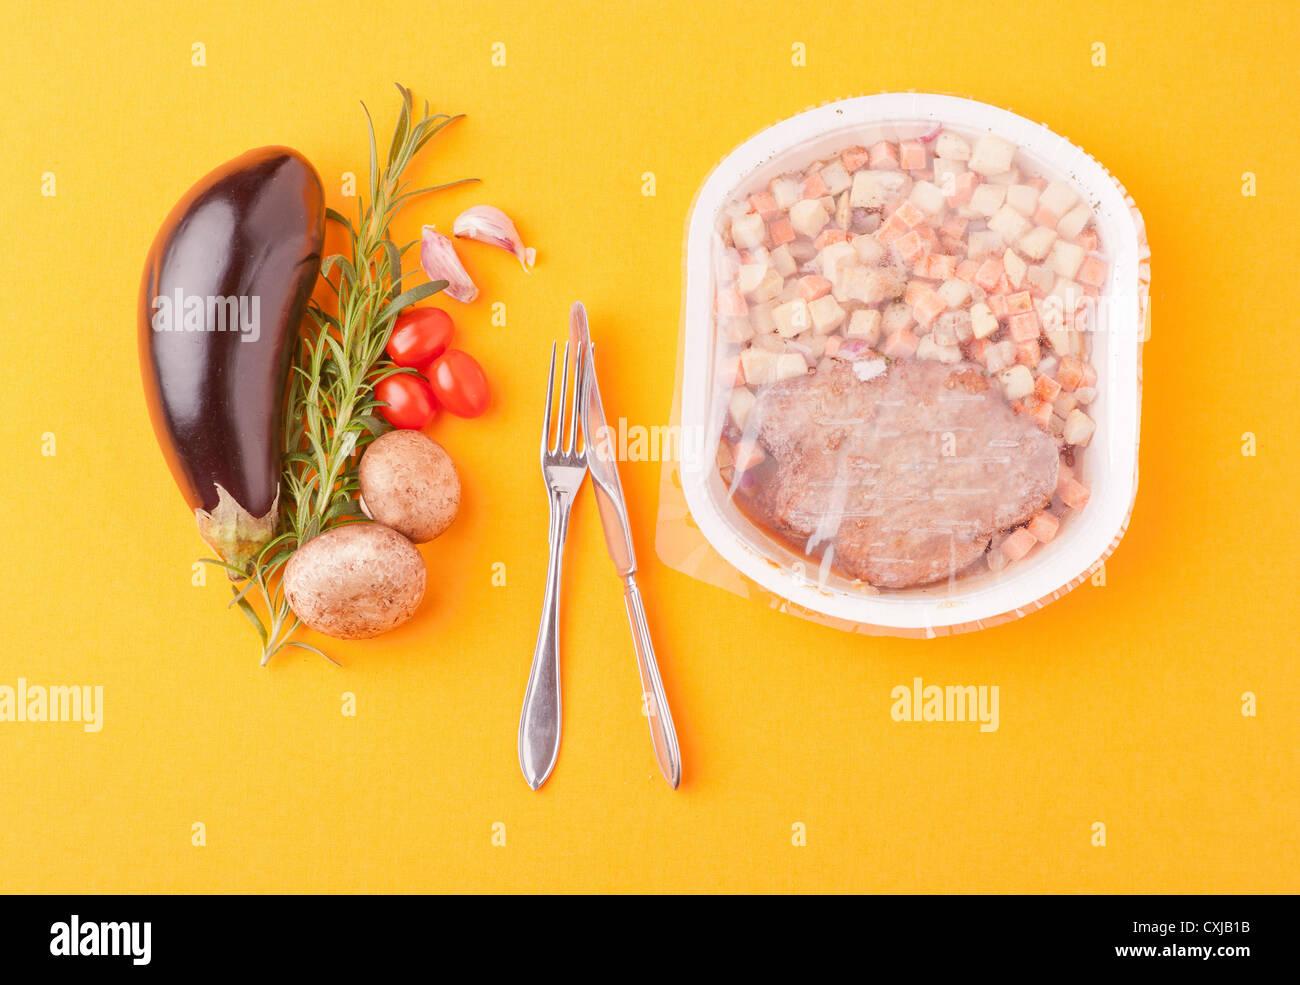 Kontrastierende Essen, Wahl zwischen frischem gesunden Gemüse und Mikrowellen-Mahlzeit Stockbild